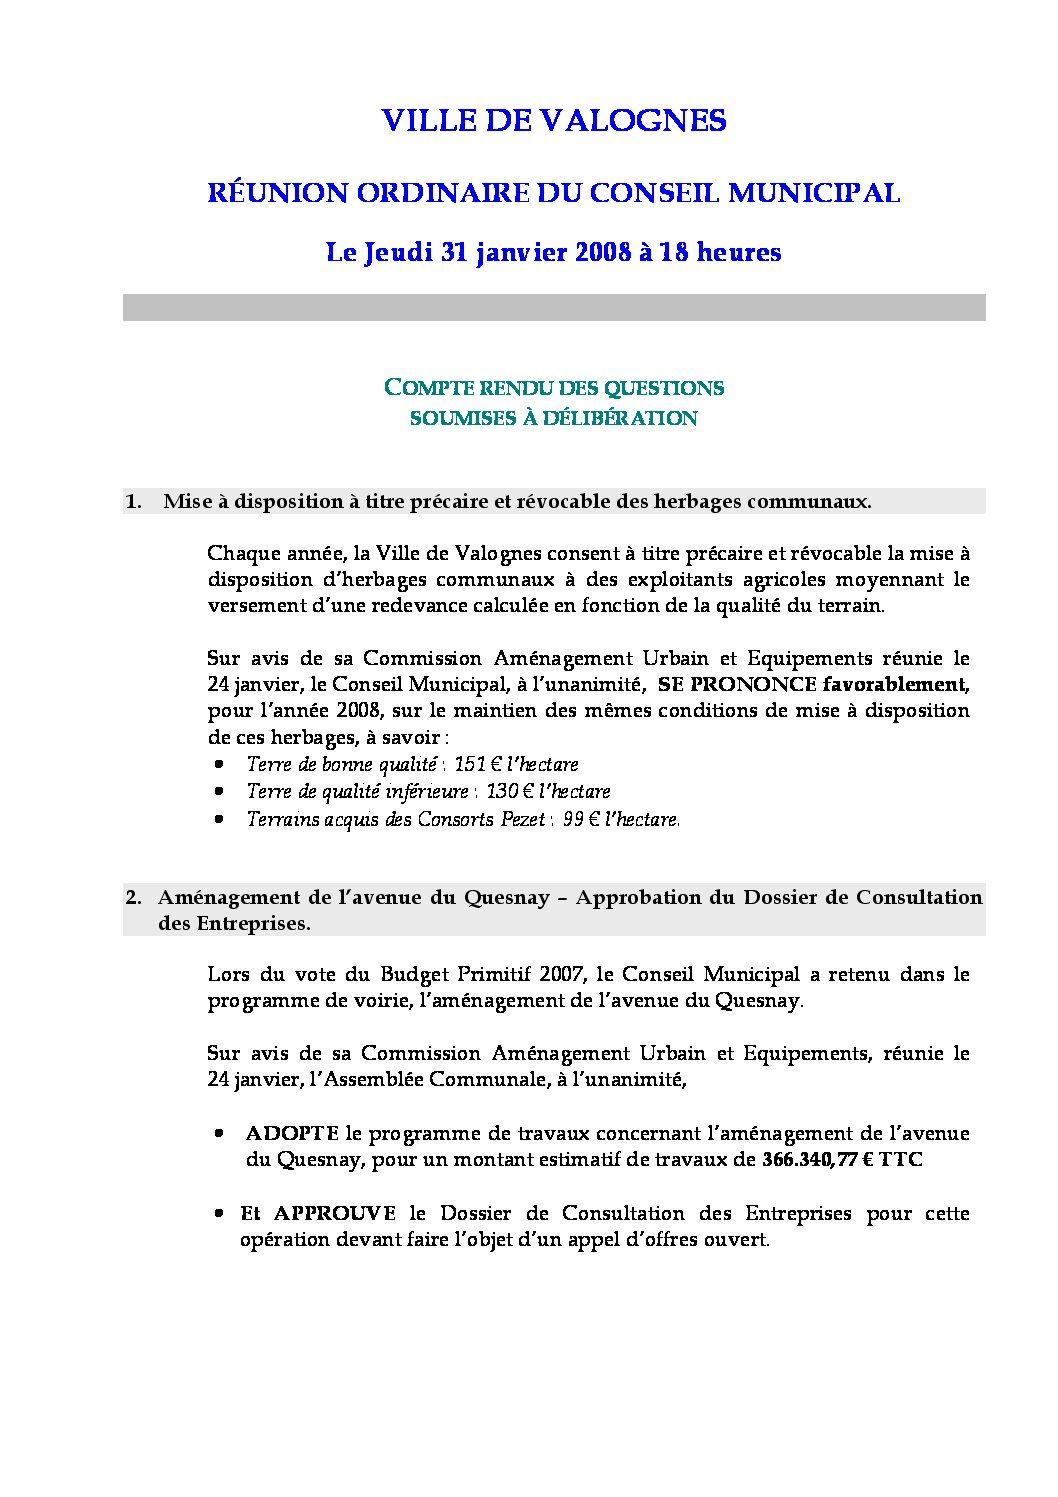 Extrait du registre des délibérations du 31-01-2008 - Compte rendu des questions soumises à délibération lors de la séance du Conseil Municipal du 31 janvier 2008.